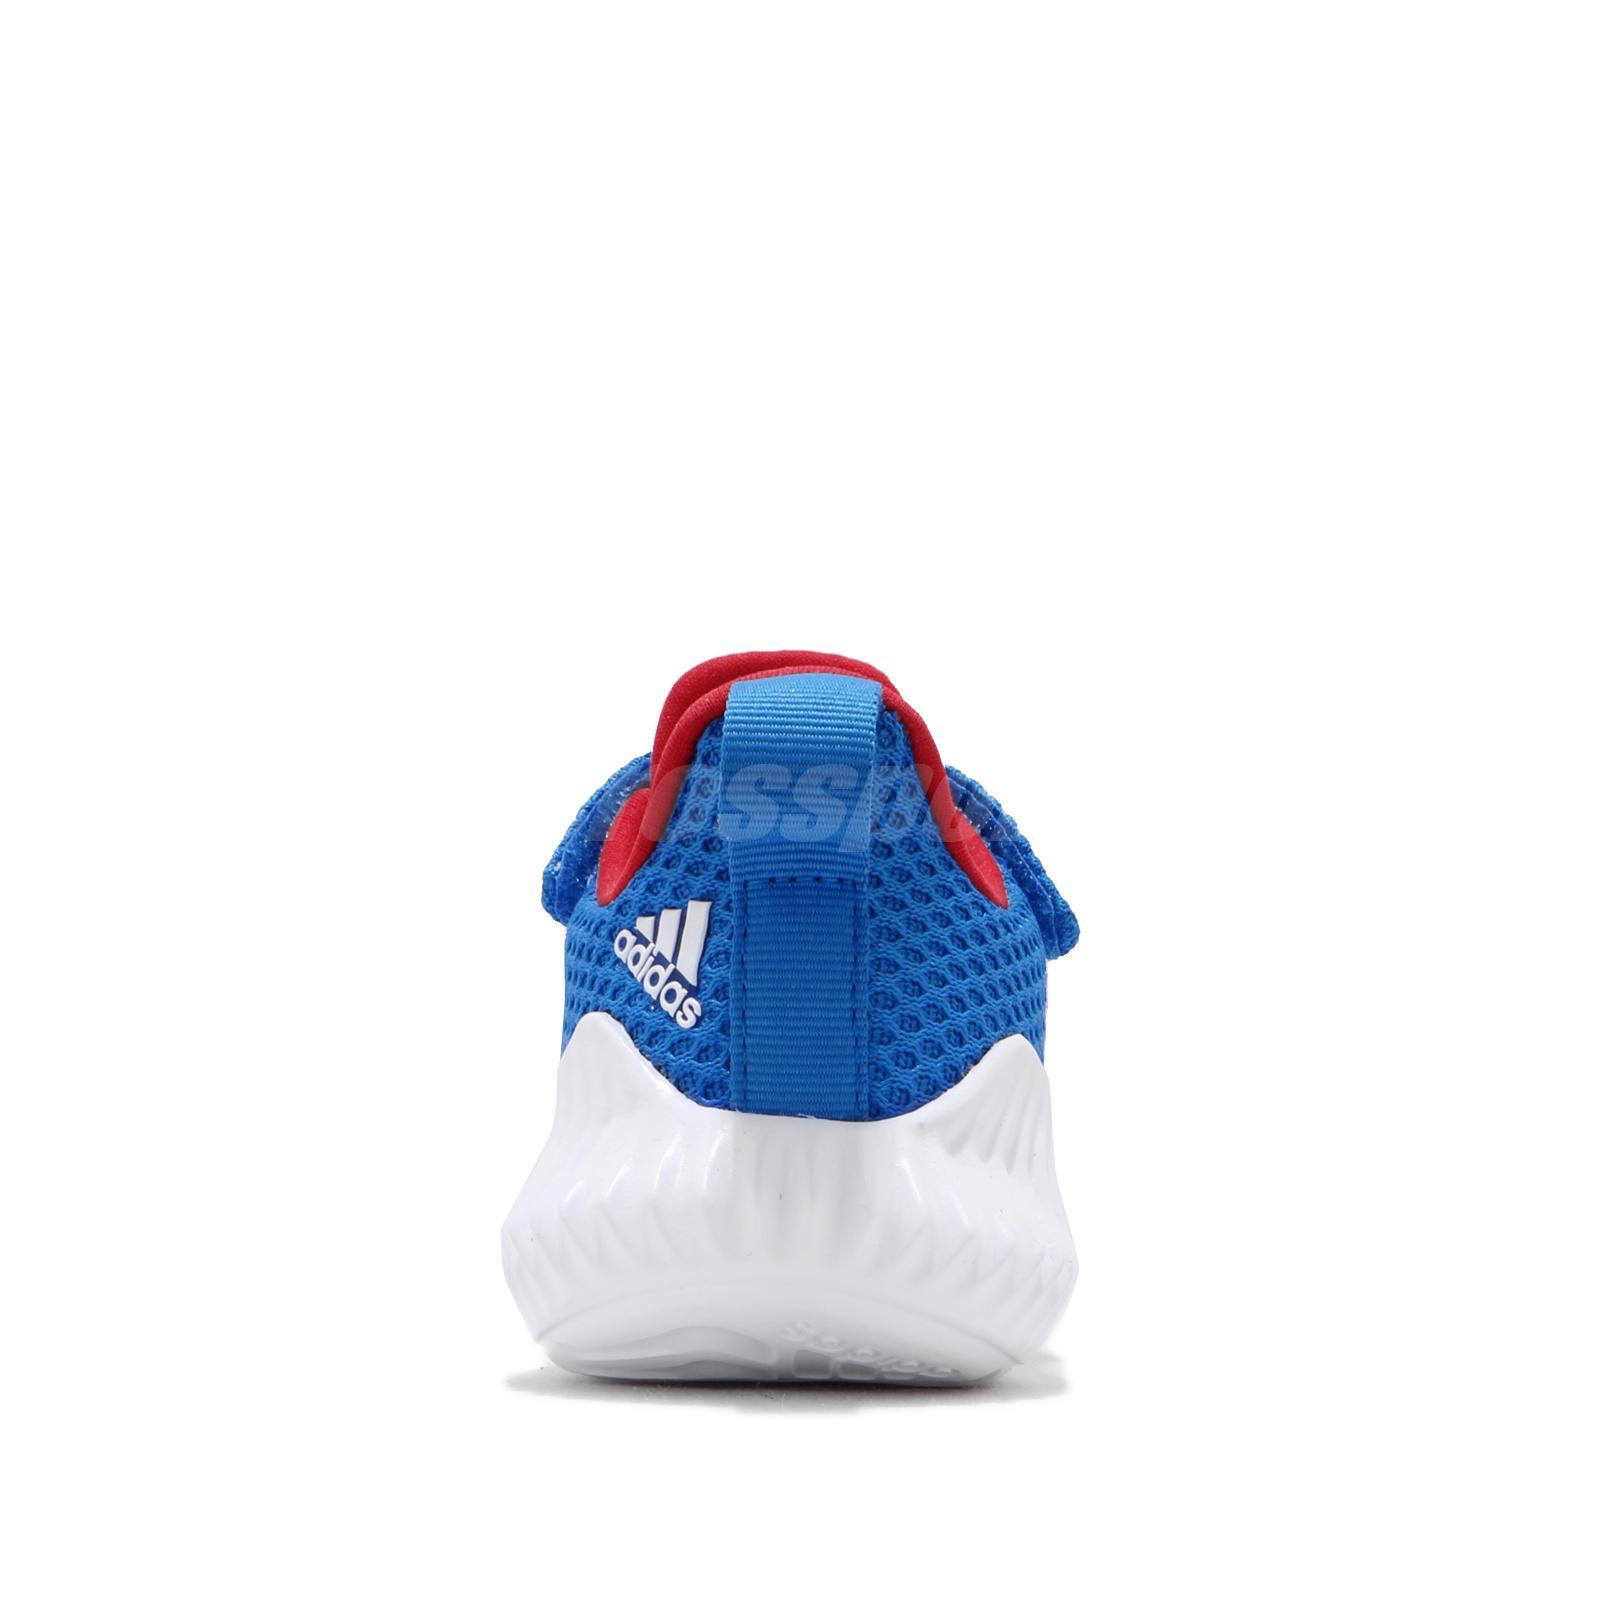 1 M US Little Kid adidas Kids Unisexs